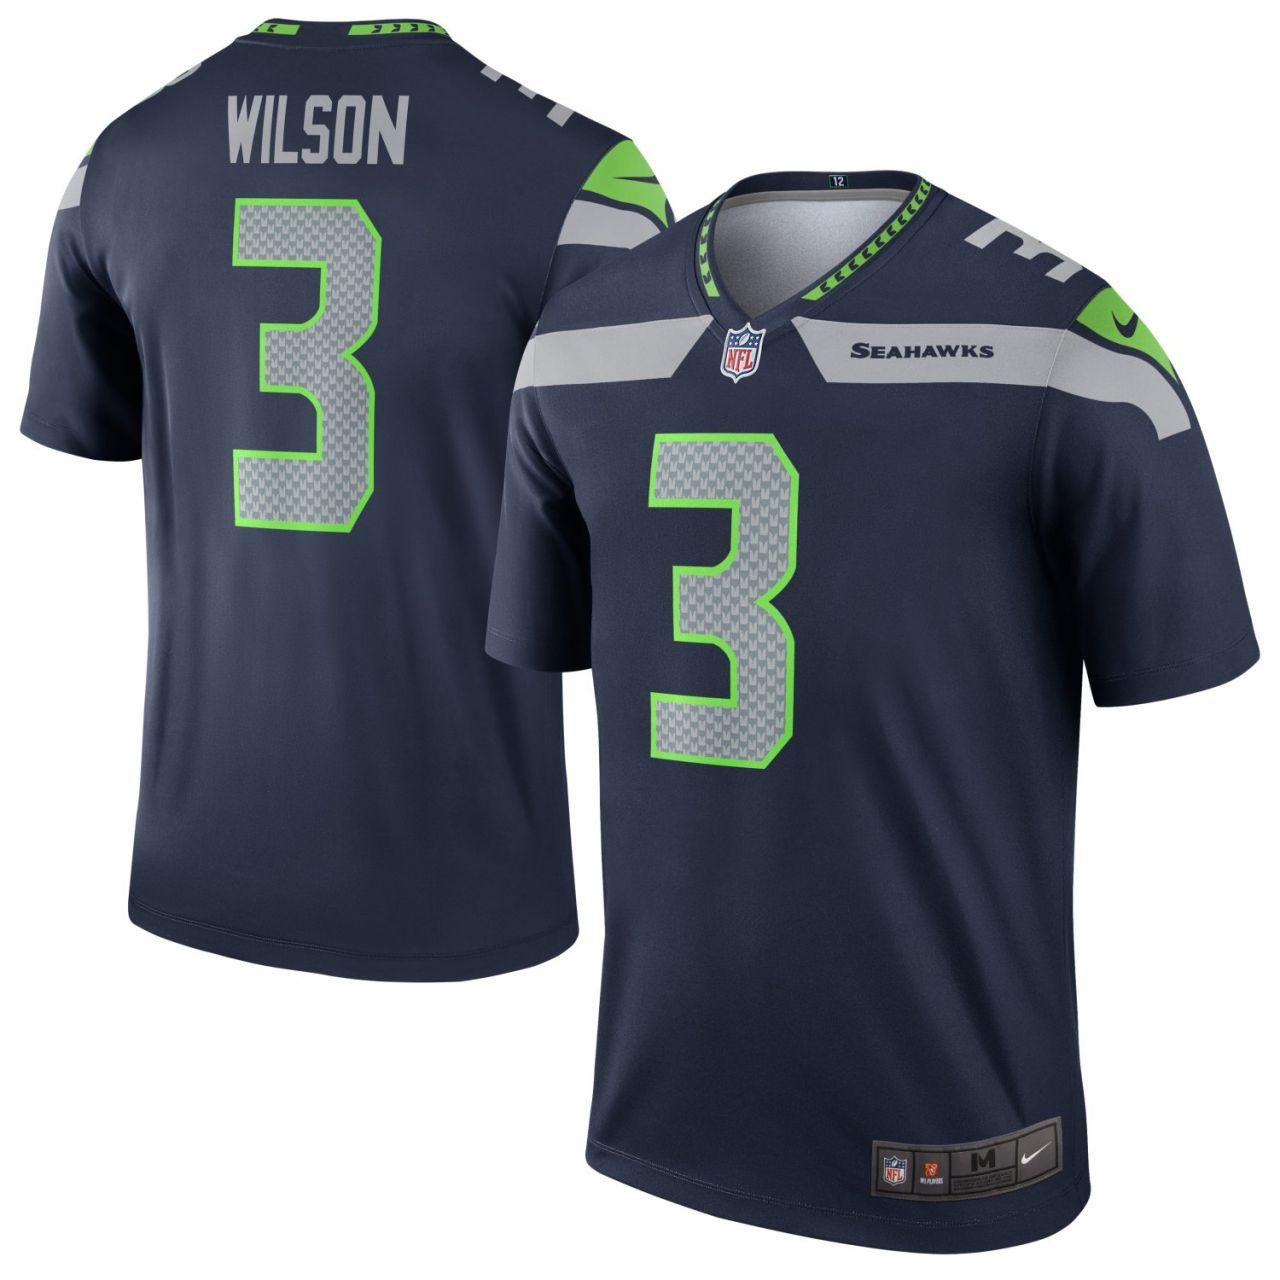 amfoo - Nike LEGEND Jersey Seattle Seahawks #3 Russell Wilson